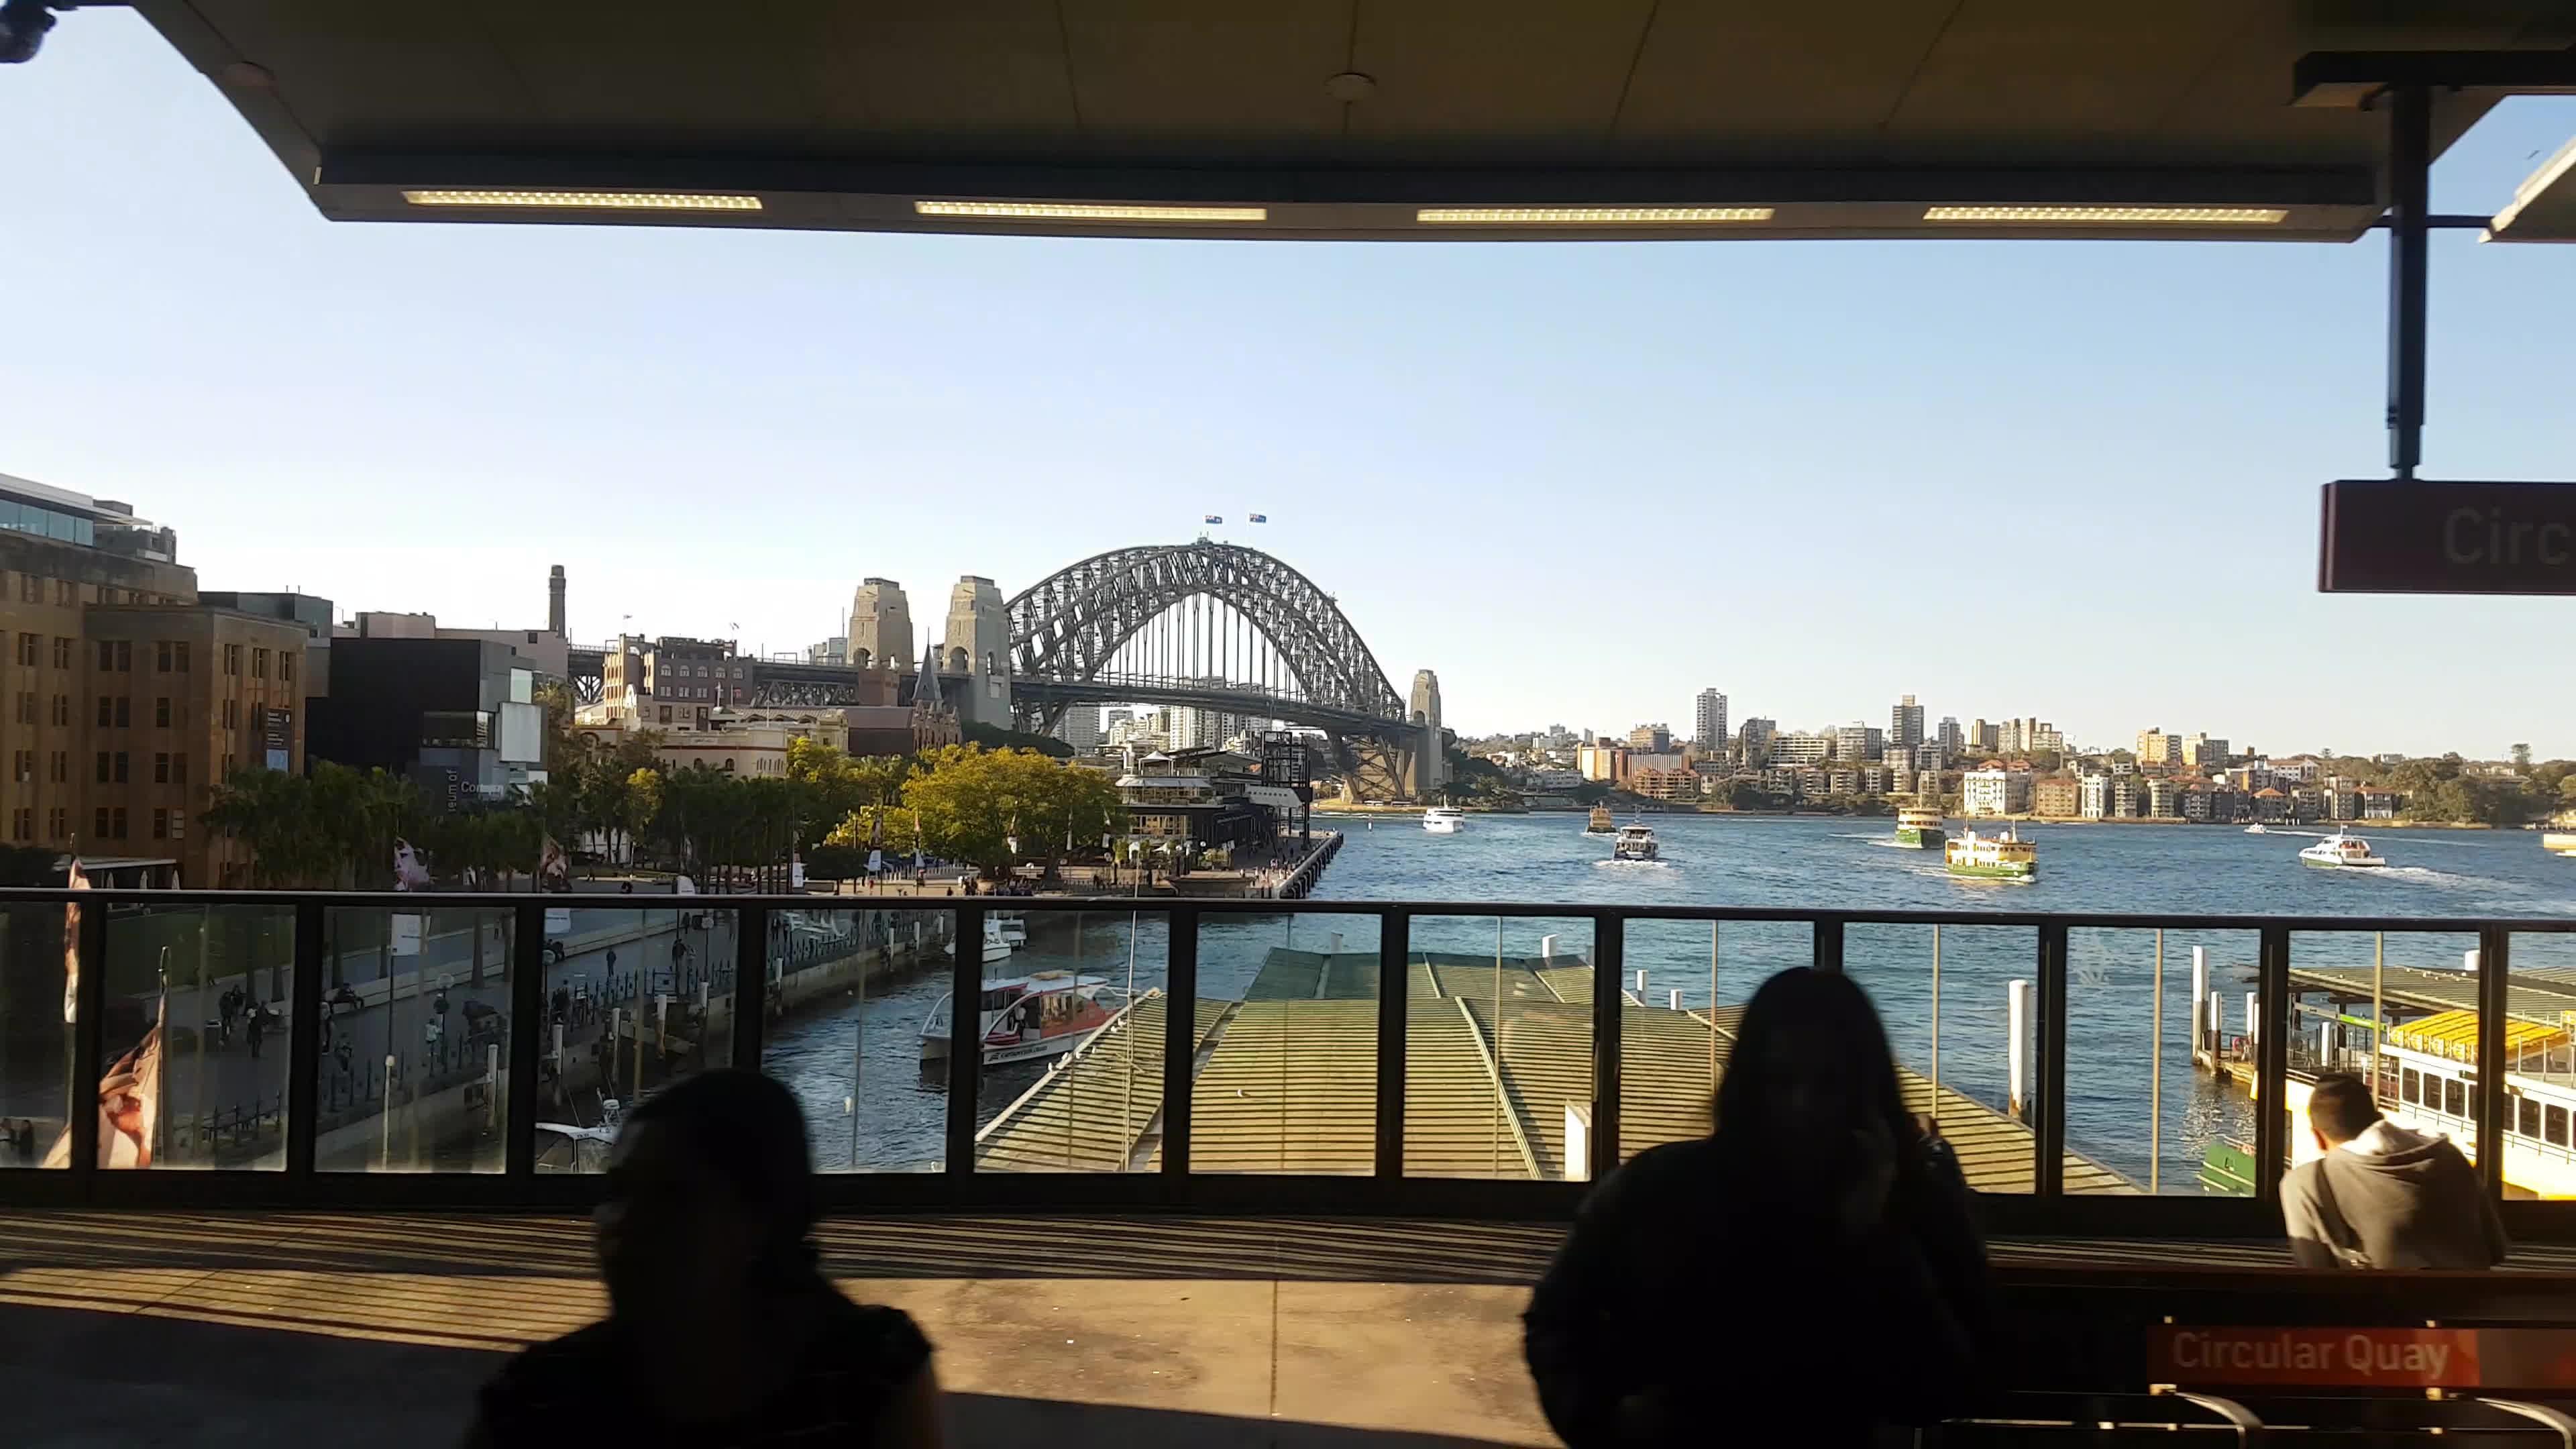 harbour bridge, sydney, train, Circular Quay, Sydney Australia GIFs